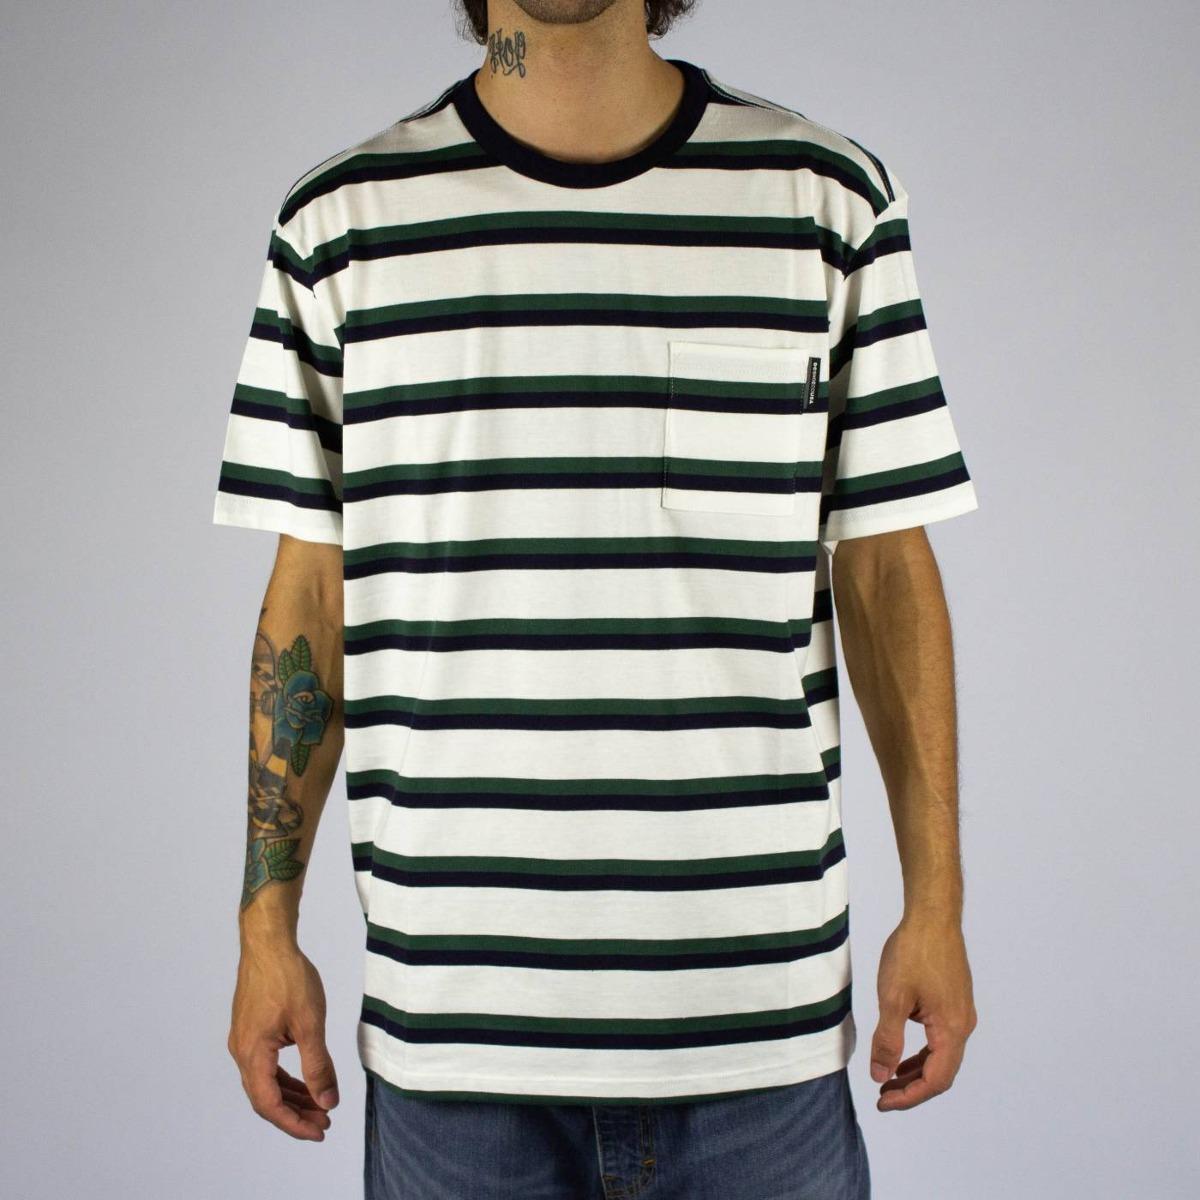 ba85900b9a8ff Camiseta Dc Shoes Oakride Branca Listrada - R$ 169,00 em Mercado Livre